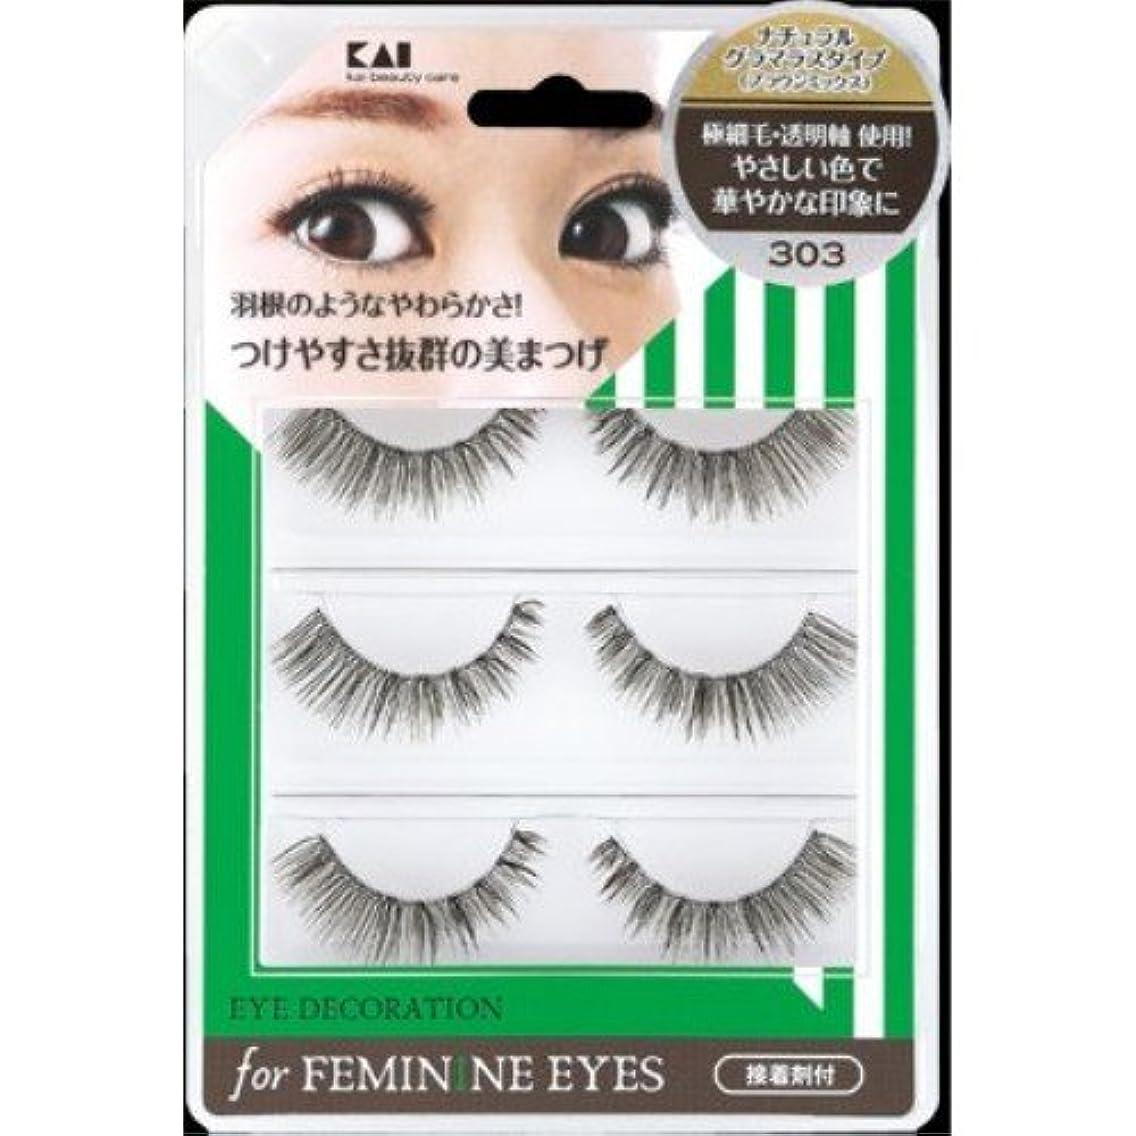 協同判決苦難貝印 アイデコレーション for feminine eyes 303 HC1563